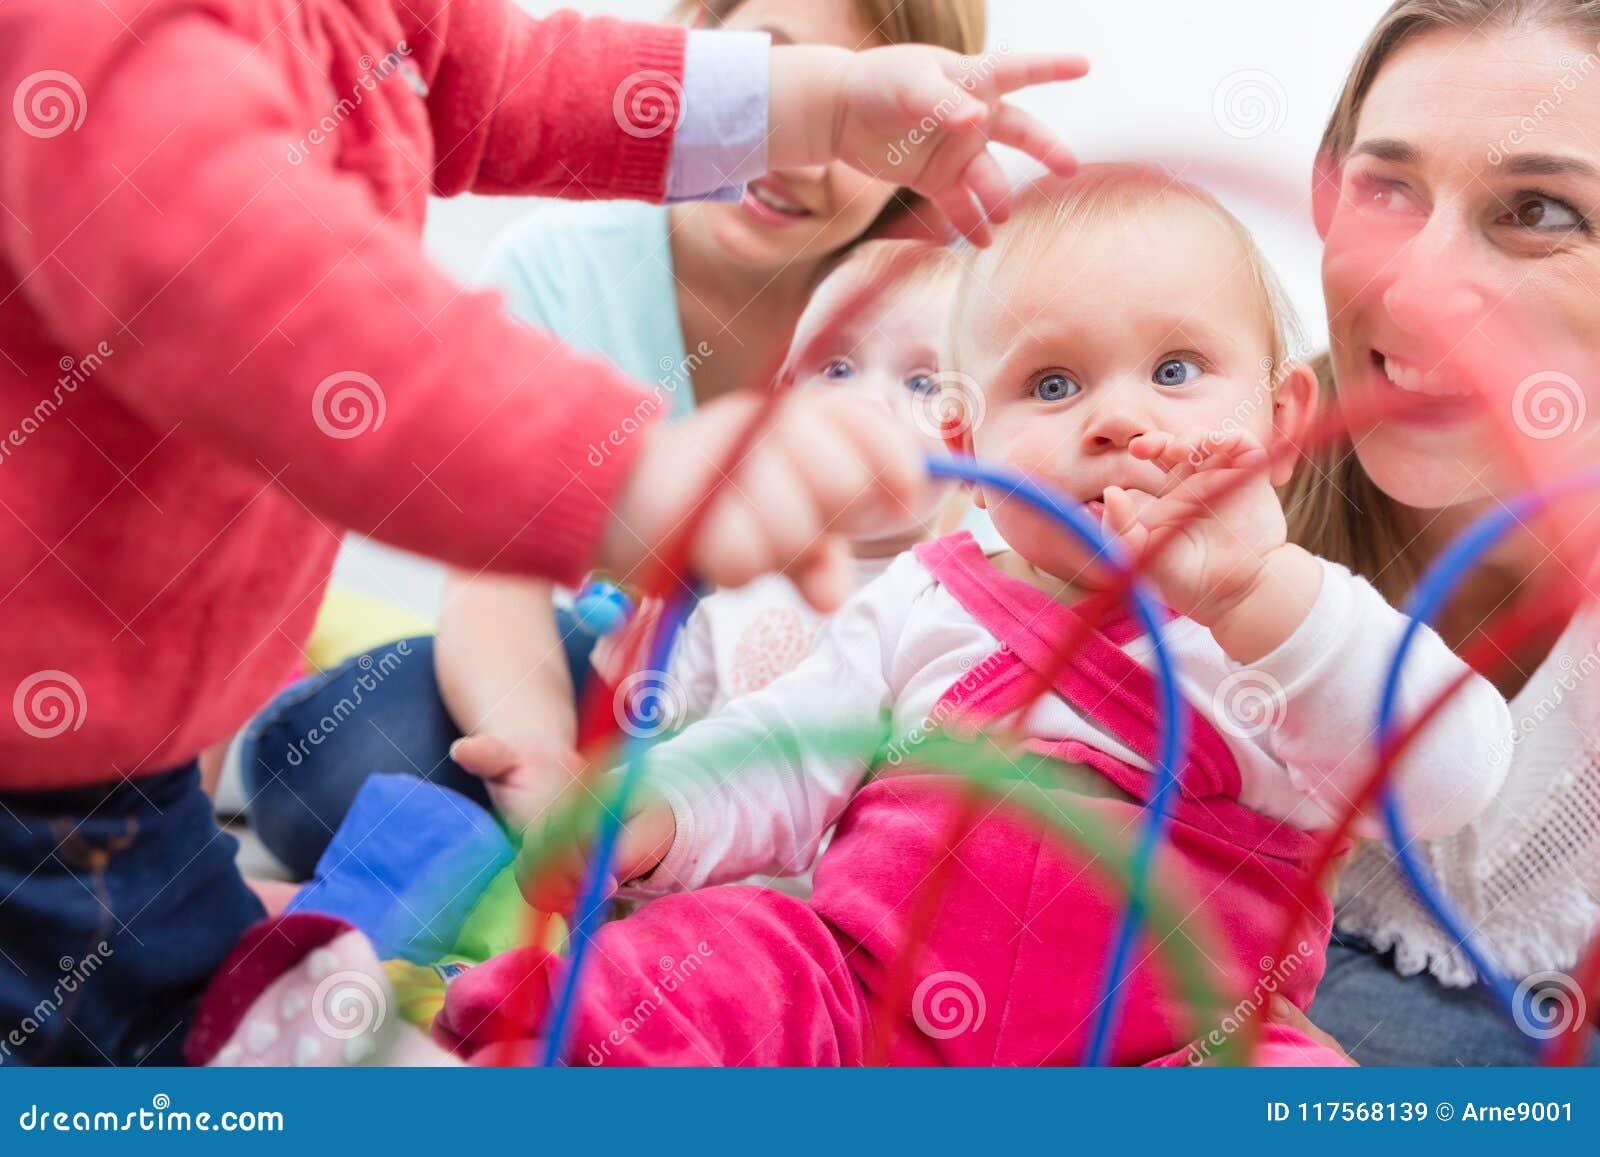 El grupo de madres jovenes felices que miran a sus bebés lindos y sanos juega